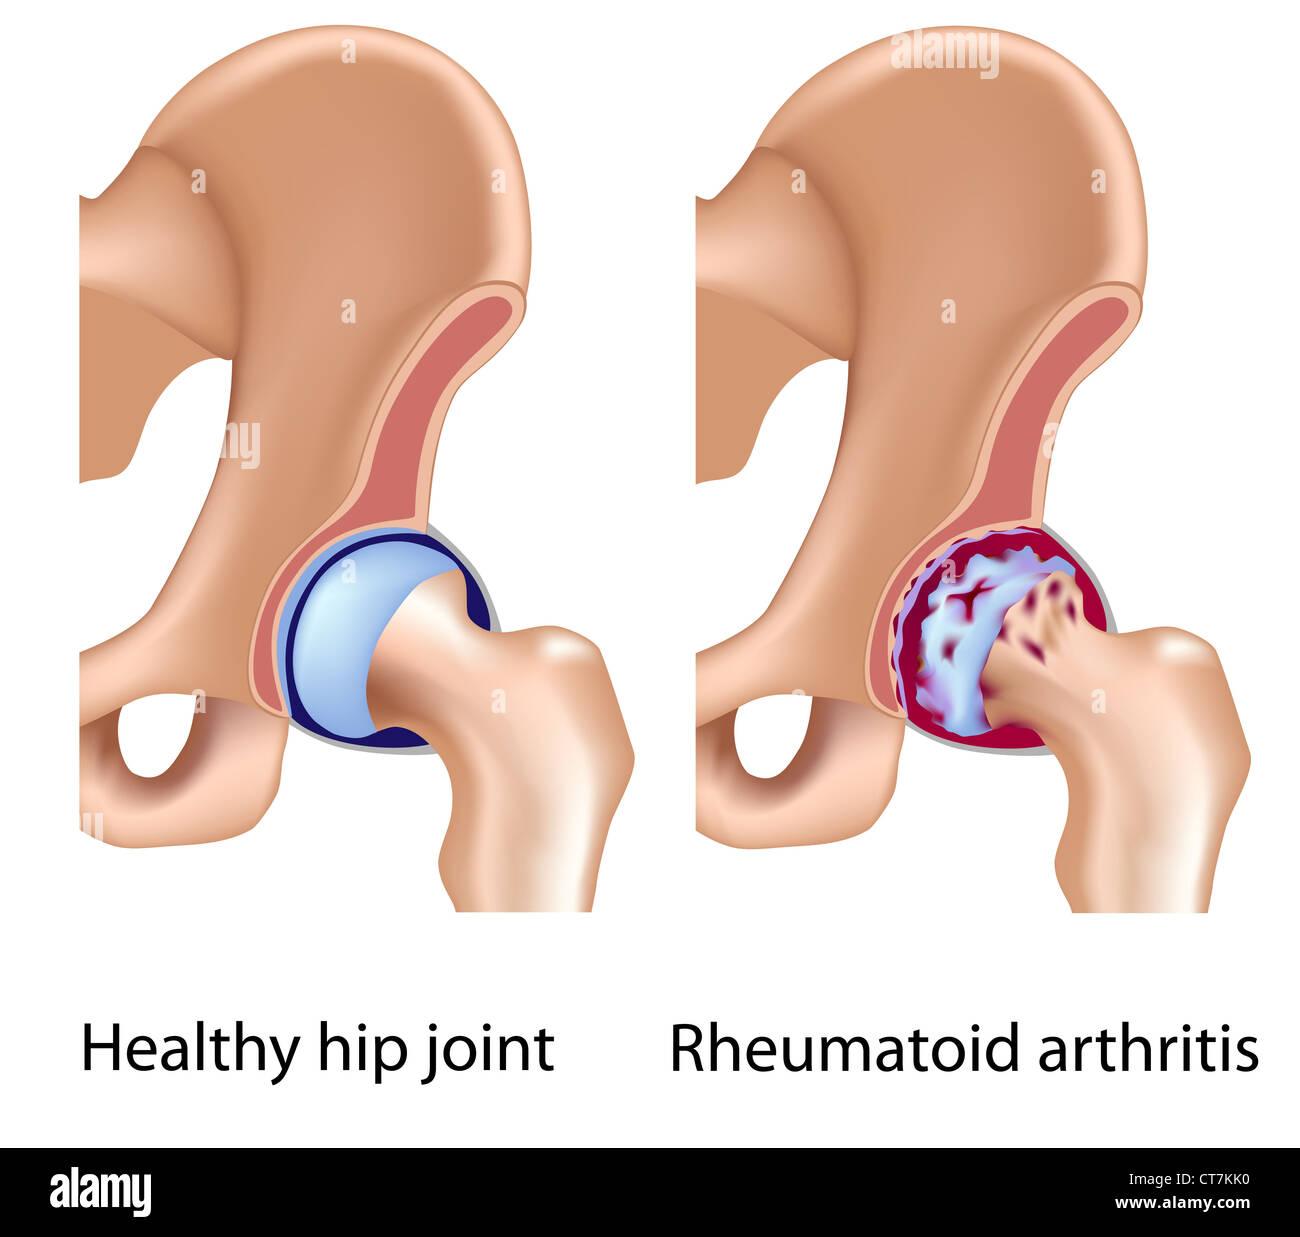 Rheumatoid arthritis of hip joint - Stock Image